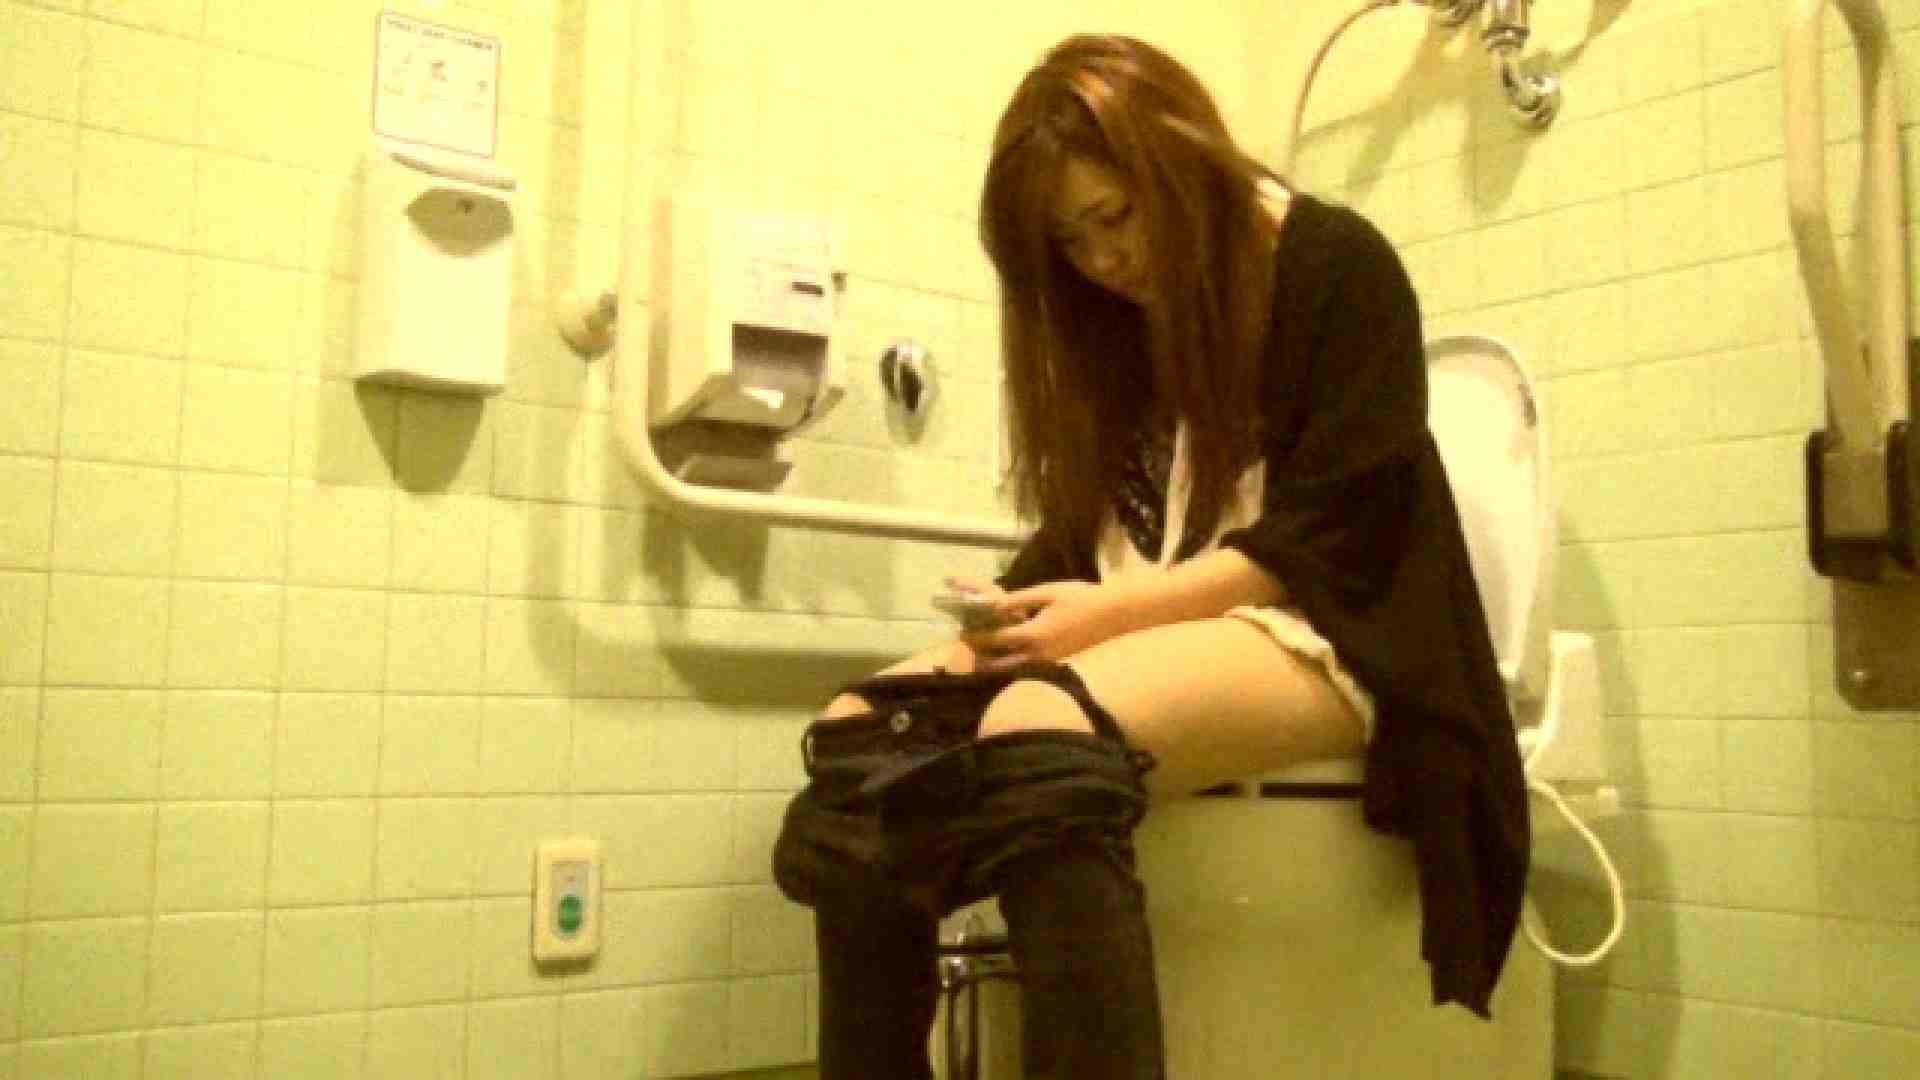 魔術師の お・も・て・な・し vol.26 19歳のバーの店員さんの洗面所をしばし… 美しいOLの裸体  73pic 30